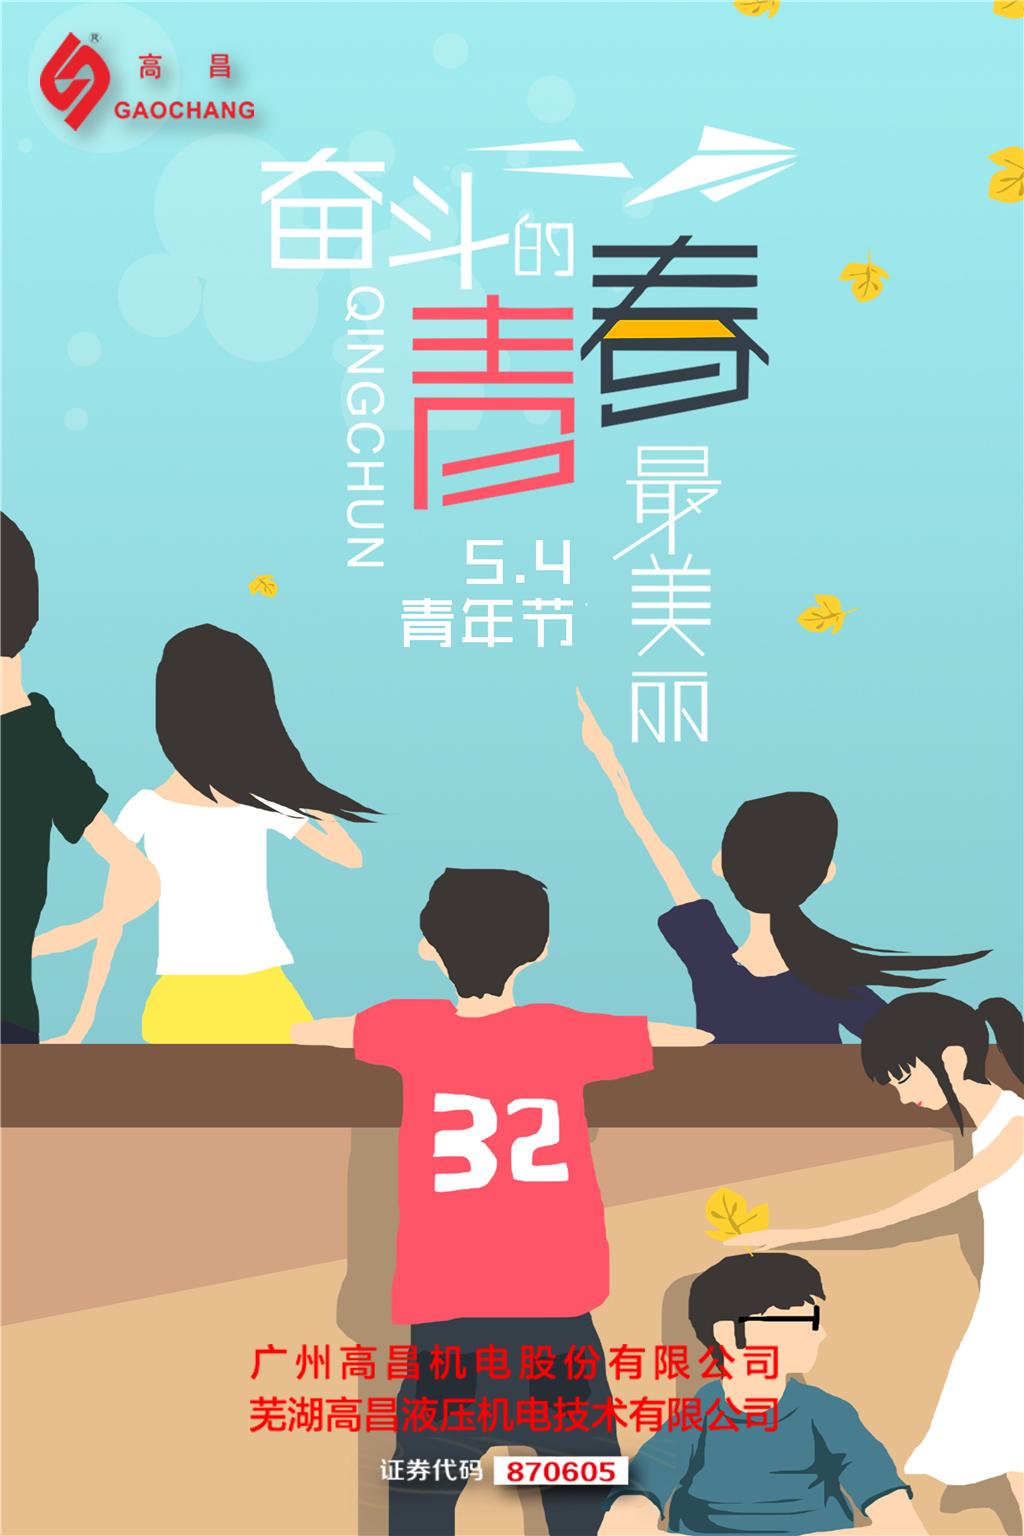 五四青年节|奋斗的青春最美丽